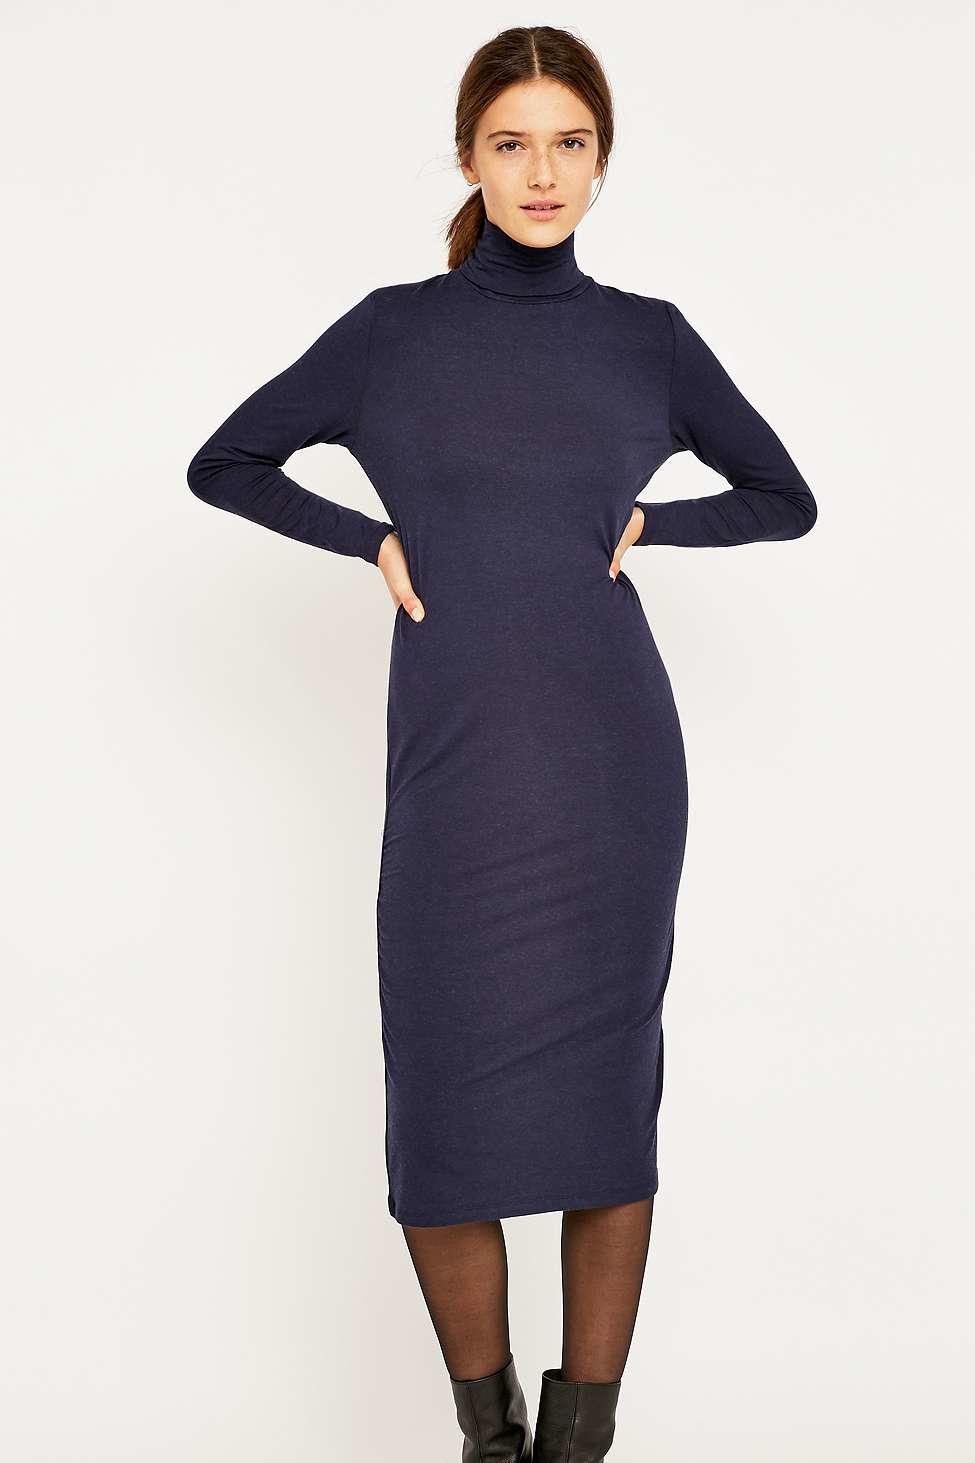 edd970e3e7e5 SELECTED Mellie Long Sleeve Knitted Midi Dress in Blue - Lyst